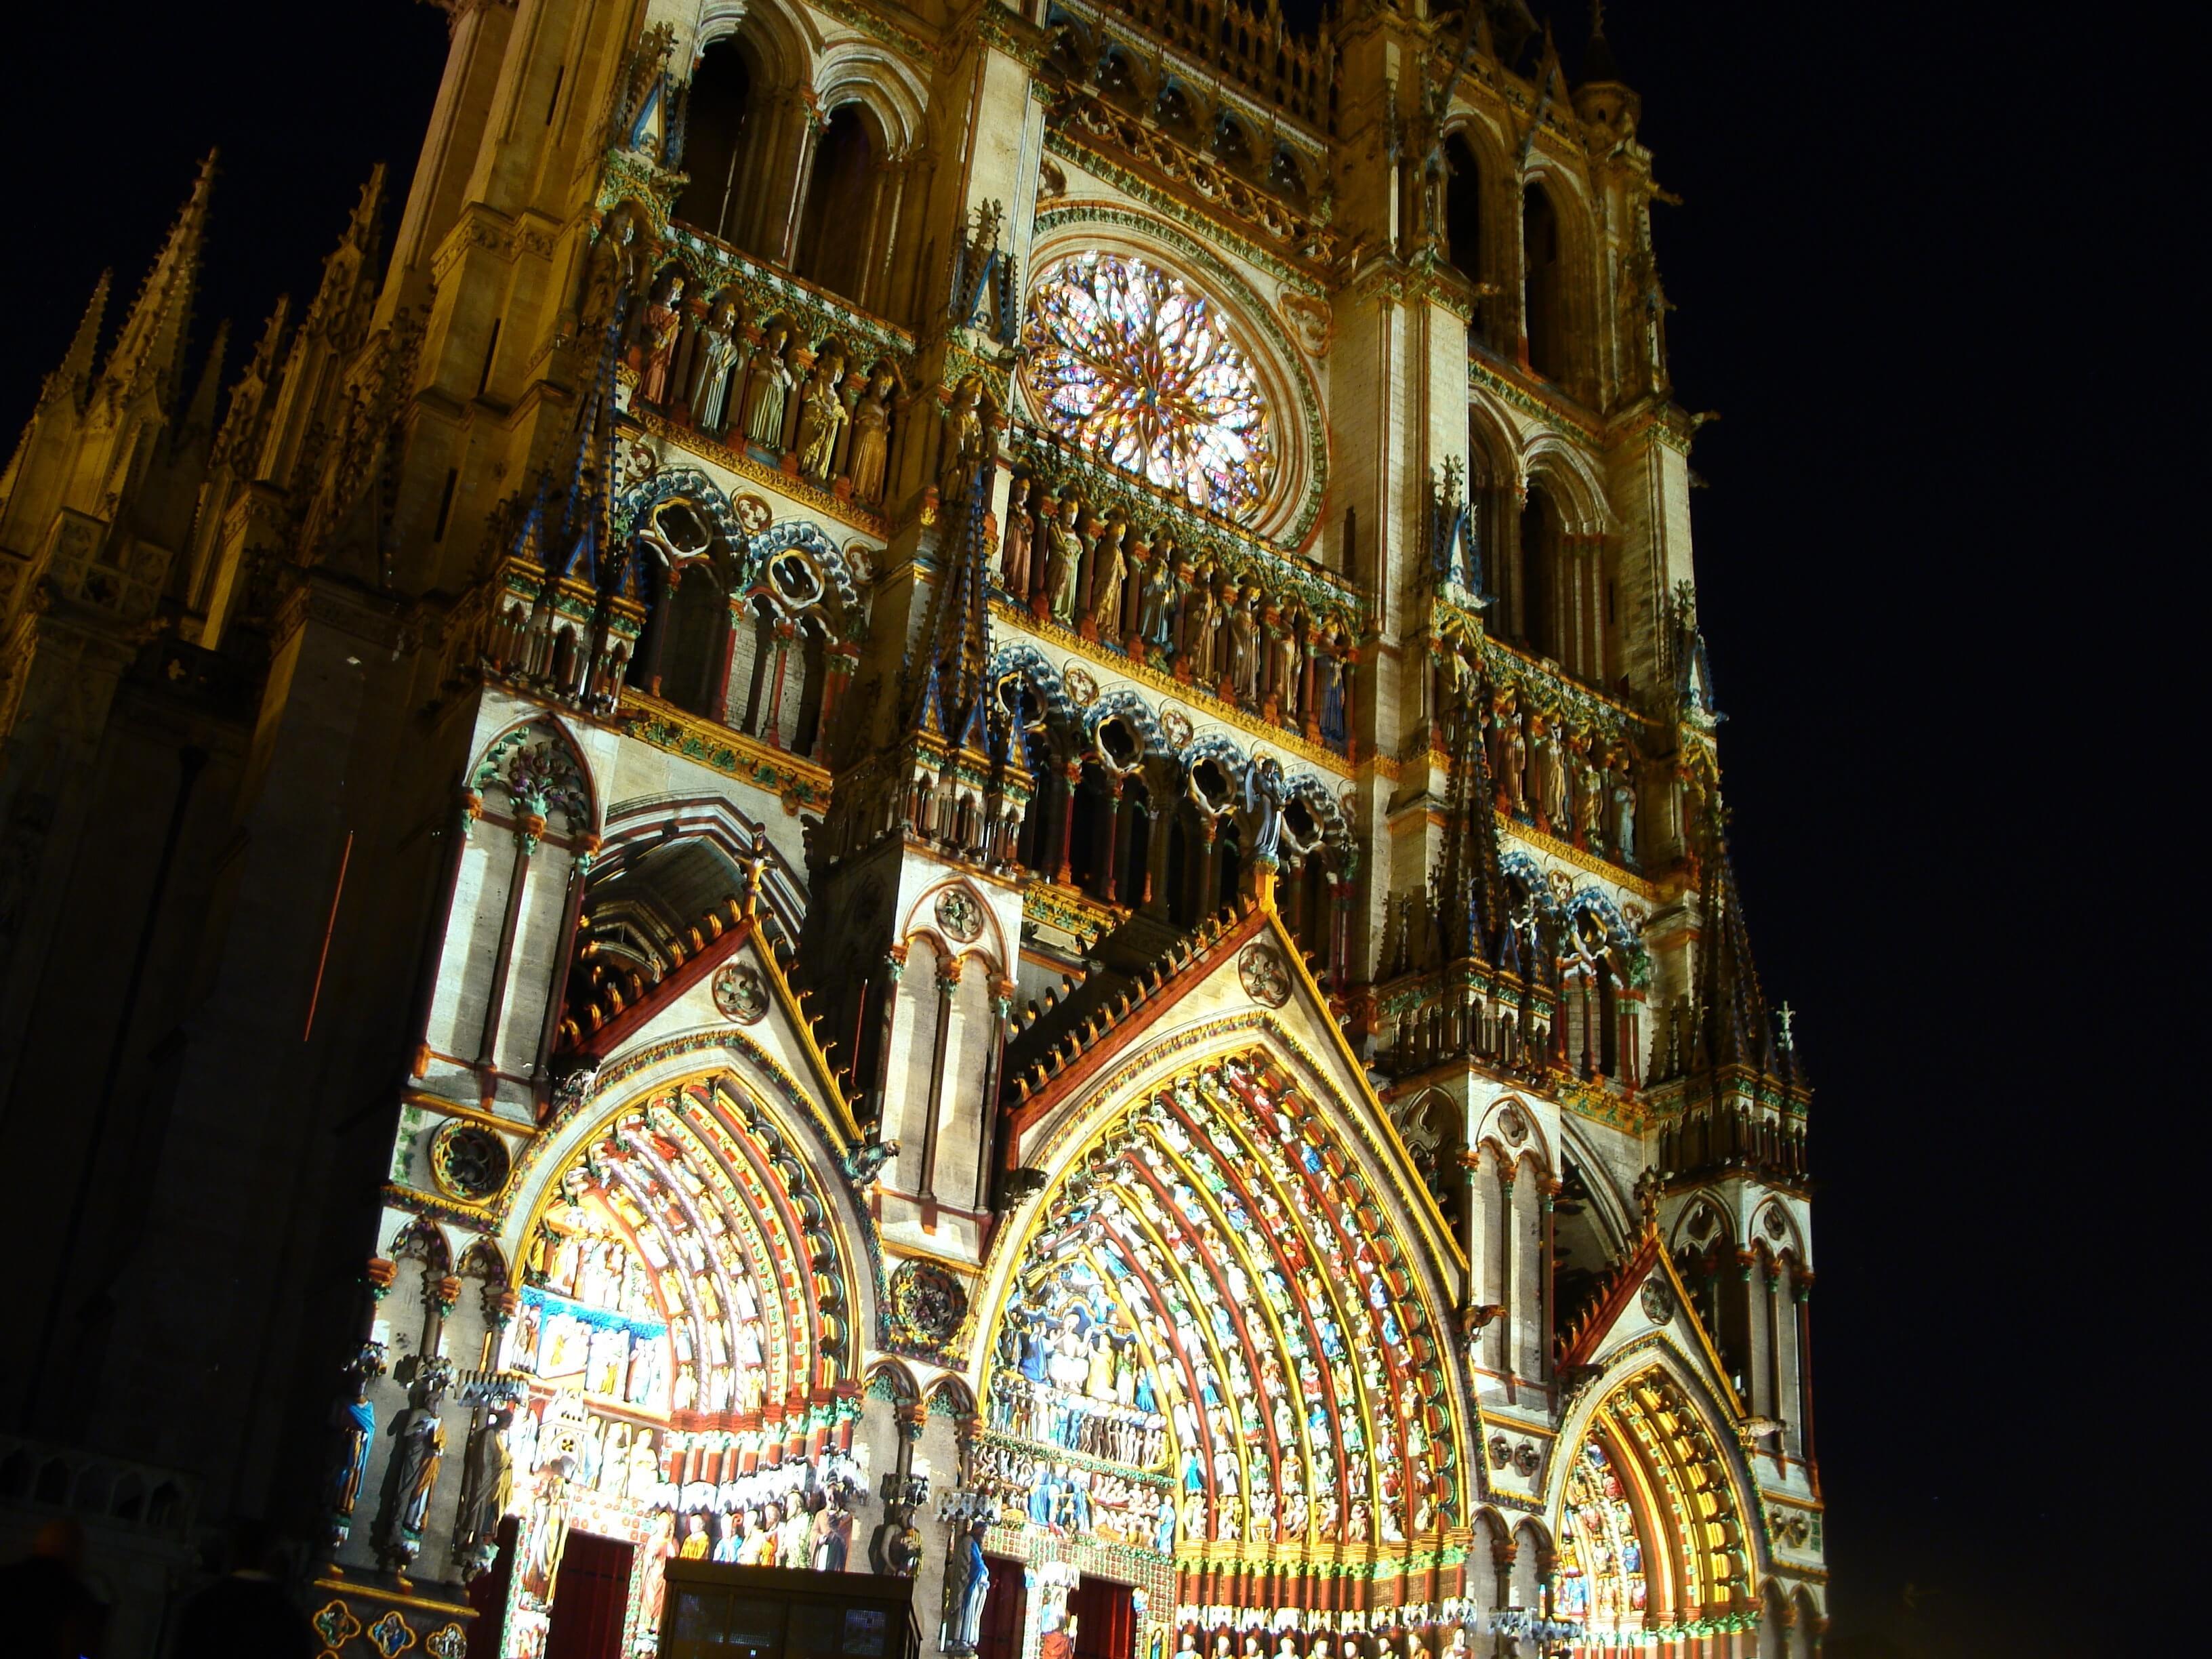 Cathedrale Amiens couleurs - ACTIVITÉS & RESTAURATION - Location de Gite La Clef Decamp - Laclefdecamp.fr